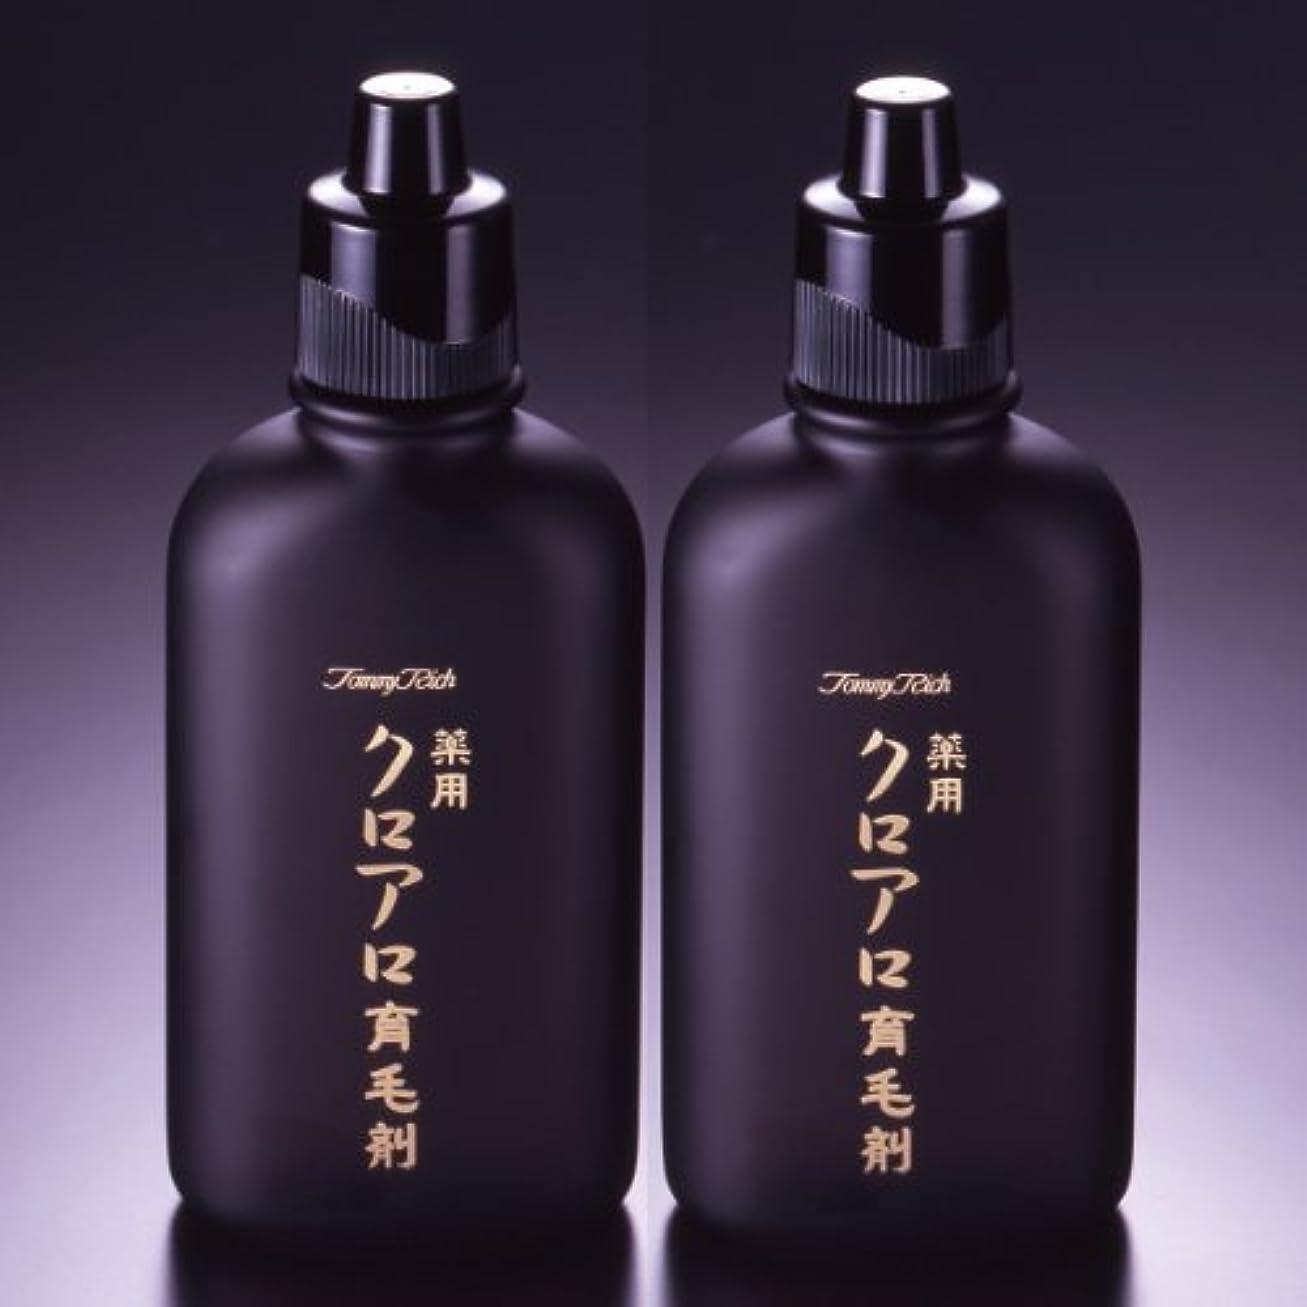 延期するアジャ人質黒アロエの薬用効果で、毛根がよみがえって髪がふさふさになる『薬用クロアロ育毛剤2本組』